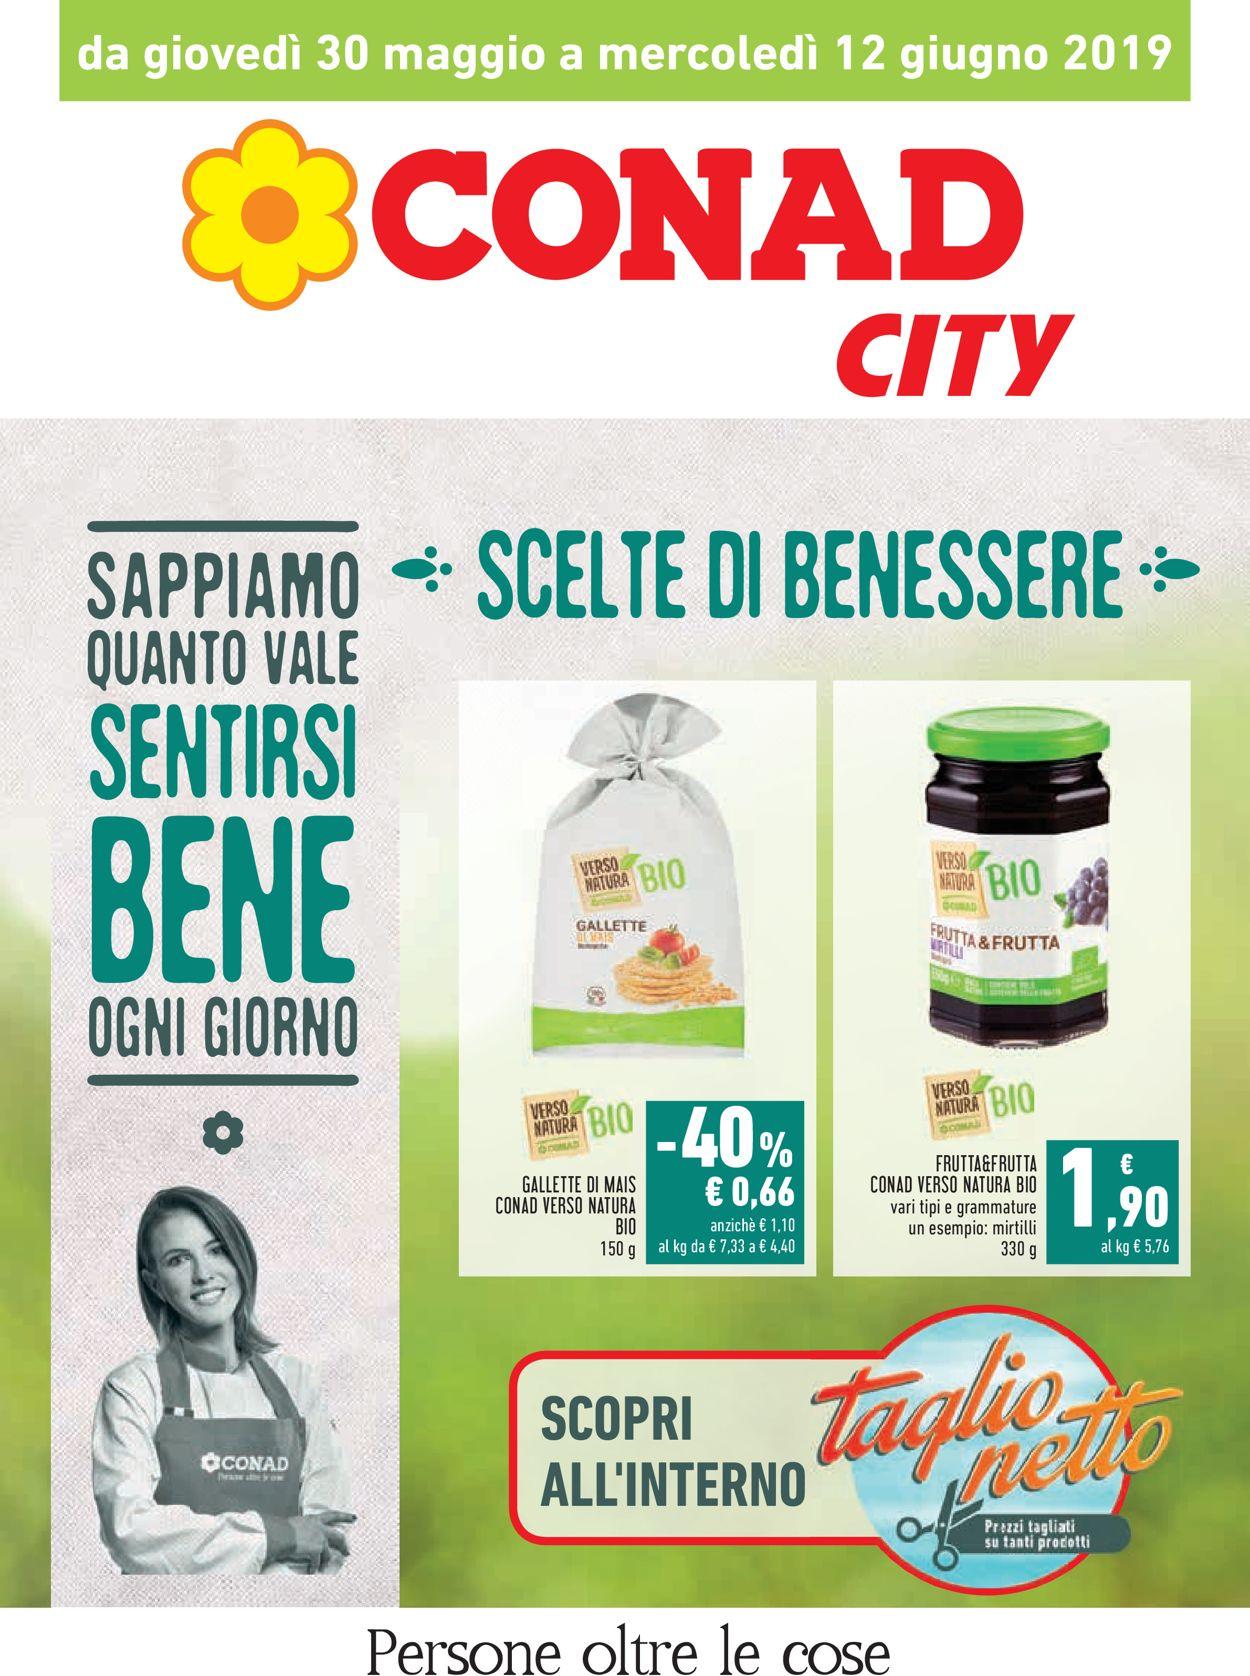 Volantino Conad - Offerte 30/05-12/06/2019